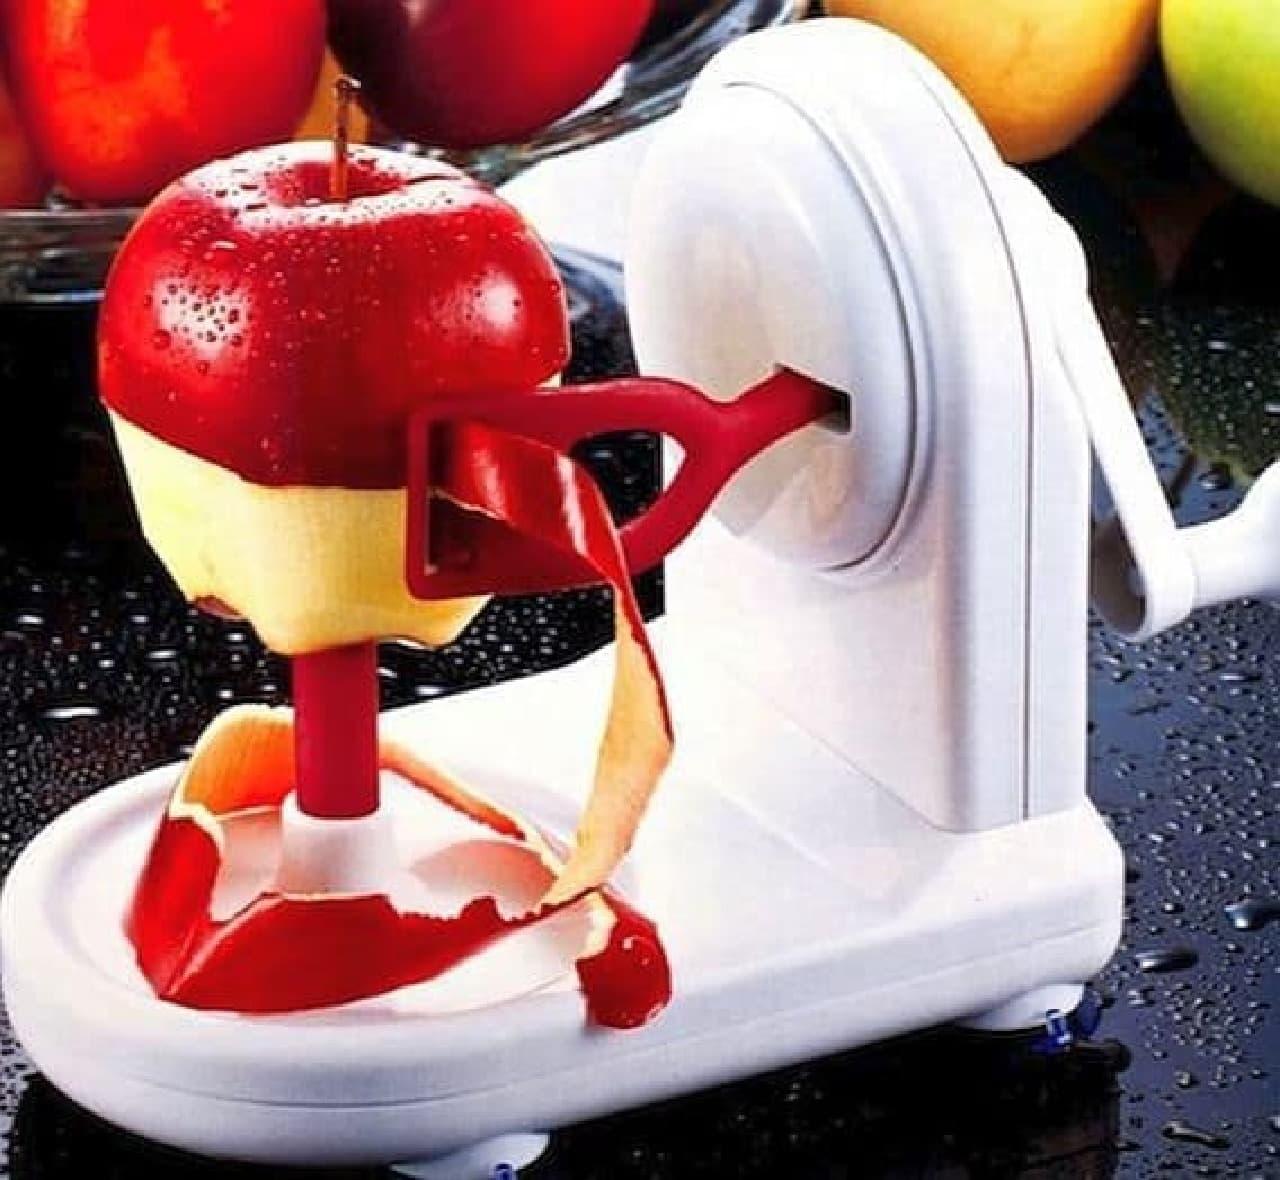 参考画像:「リンゴの皮をむく」ためだけのグッズ  包丁、使えば良いのに……。